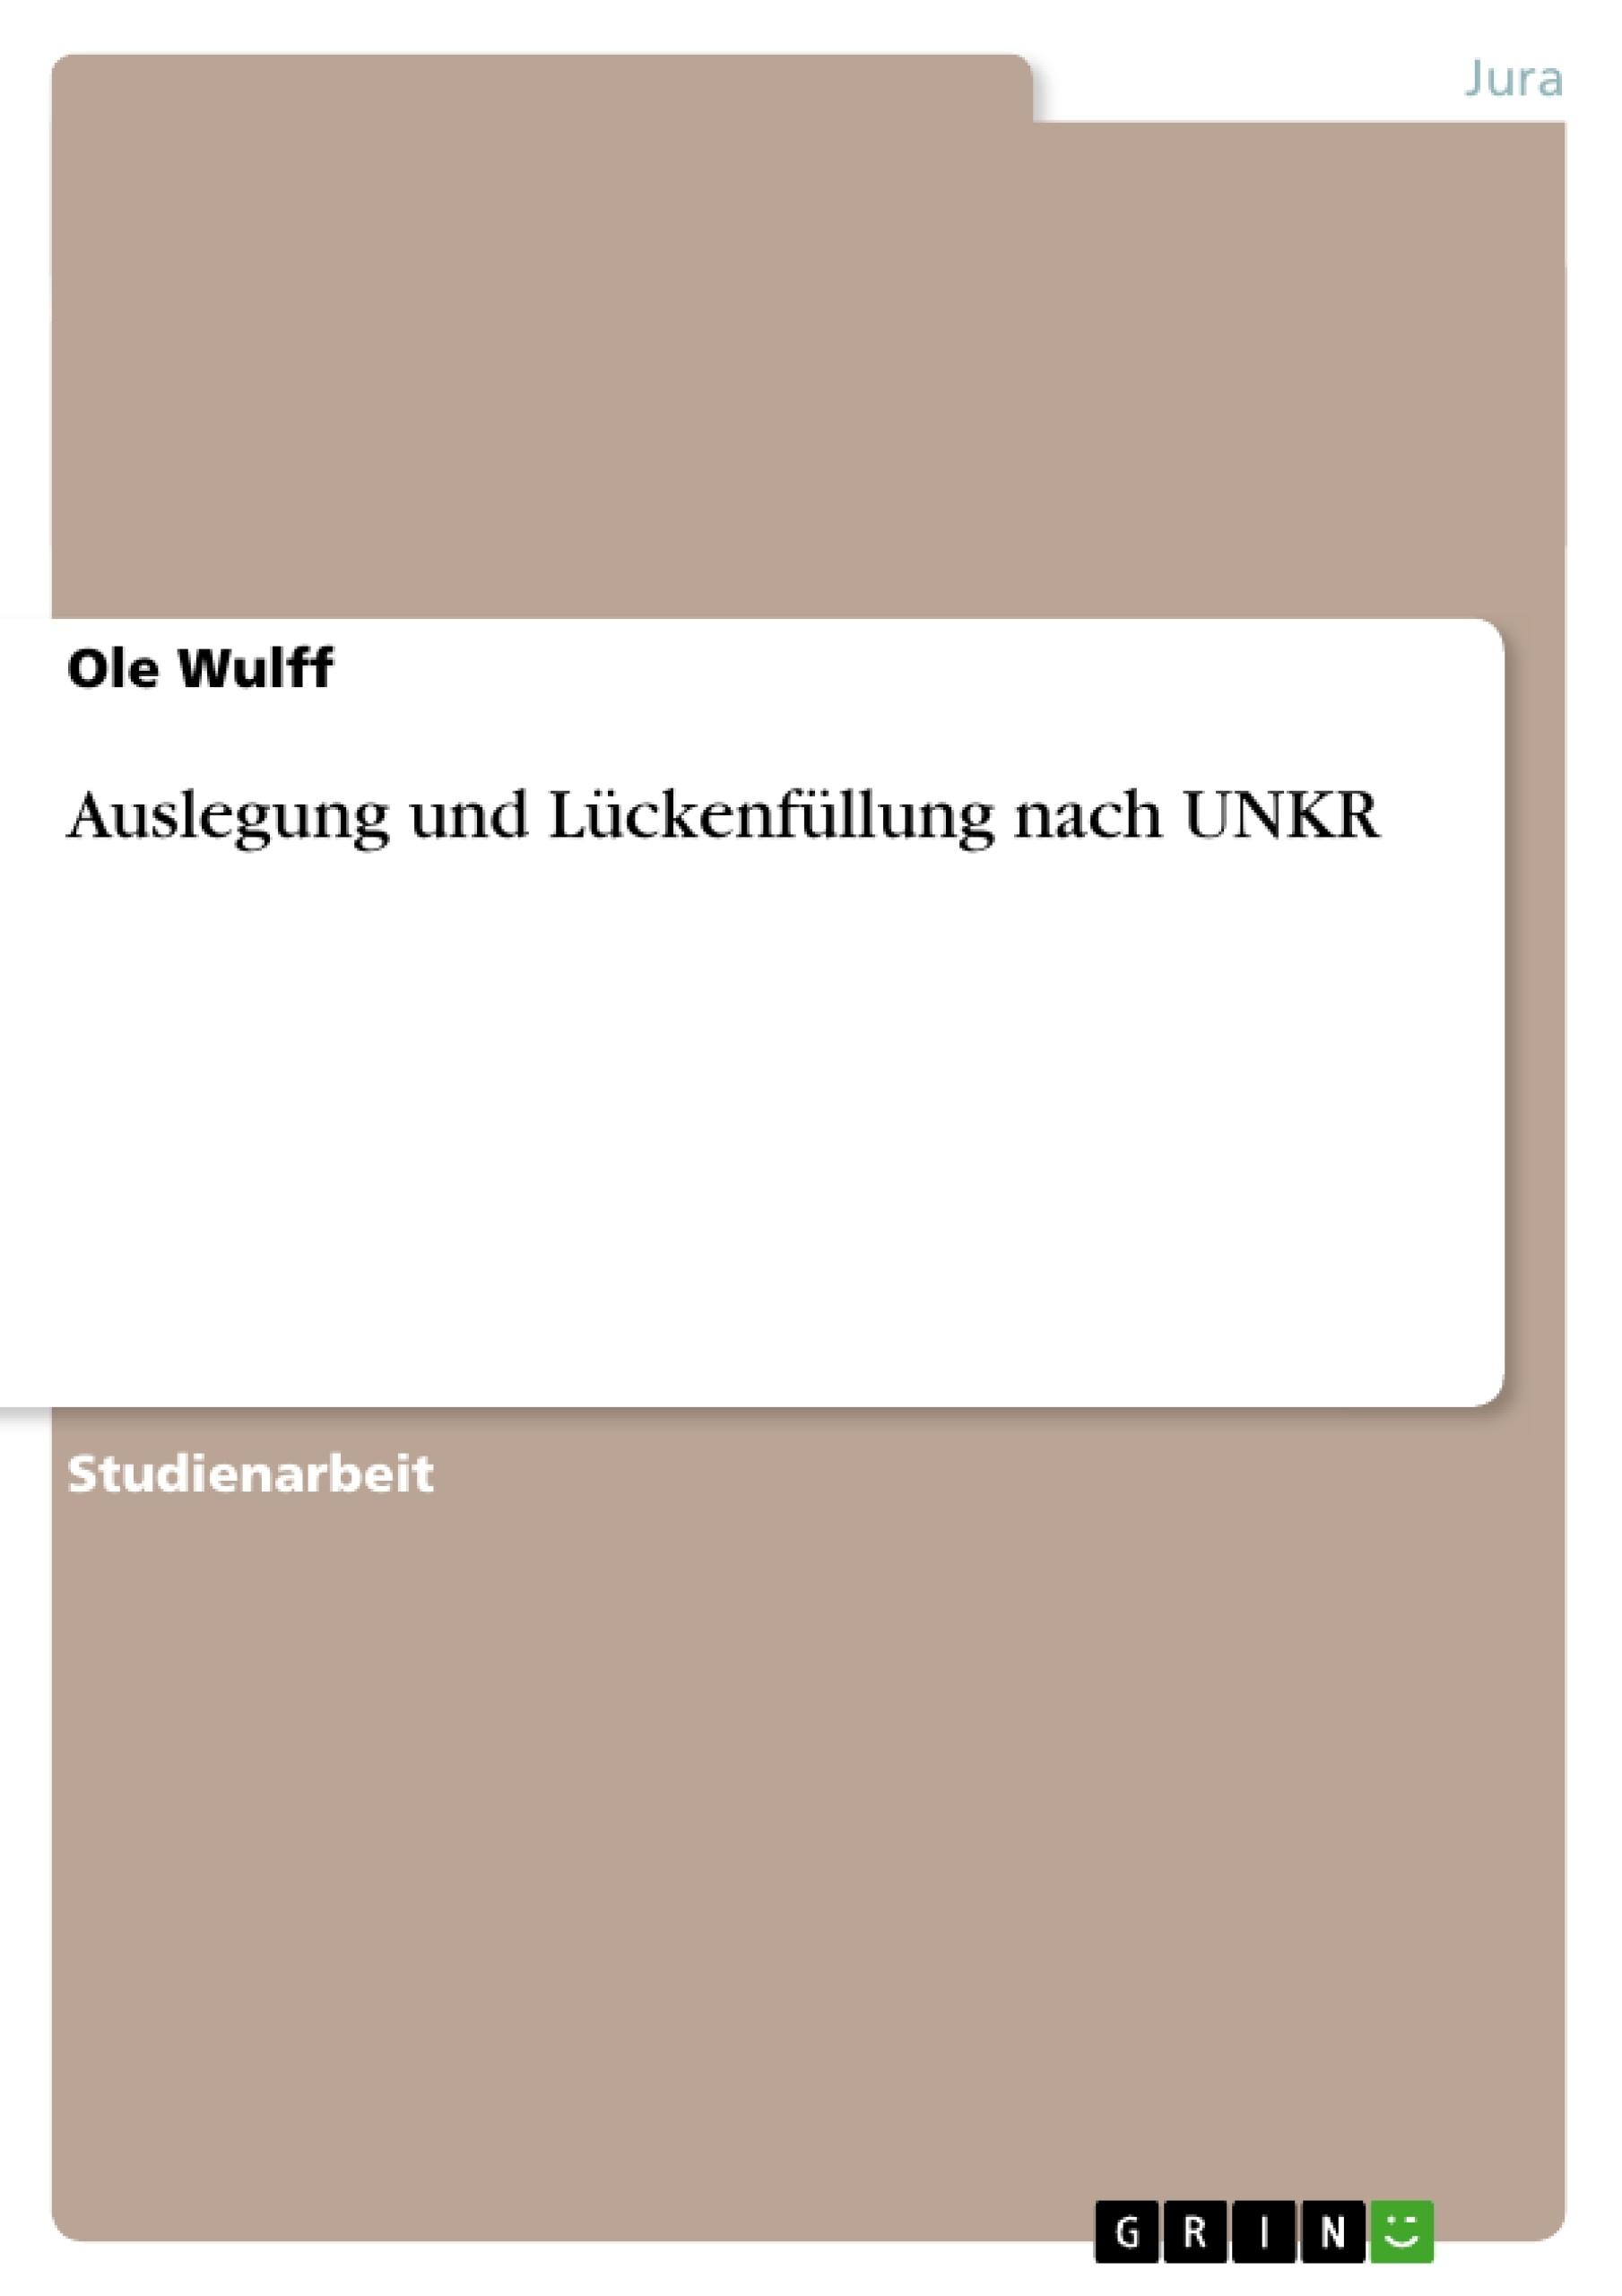 Titel: Auslegung und Lückenfüllung nach UNKR